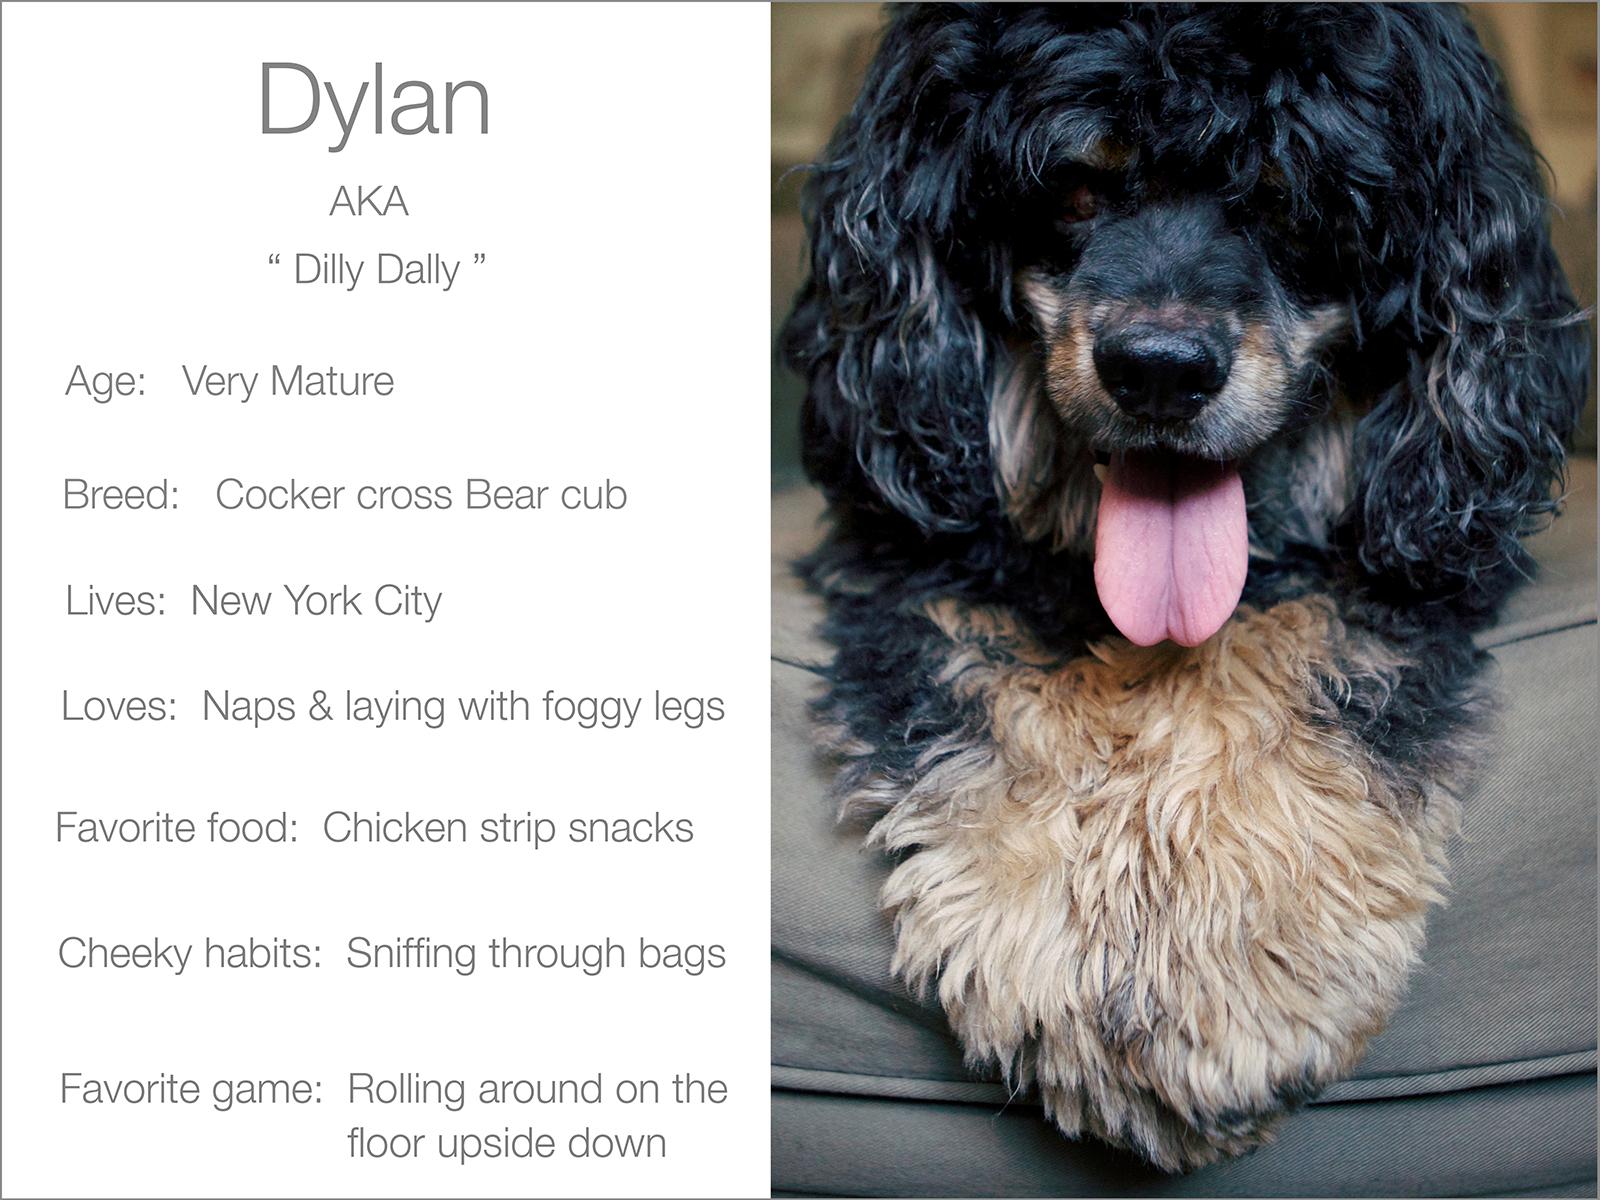 Grey Dylan blurb